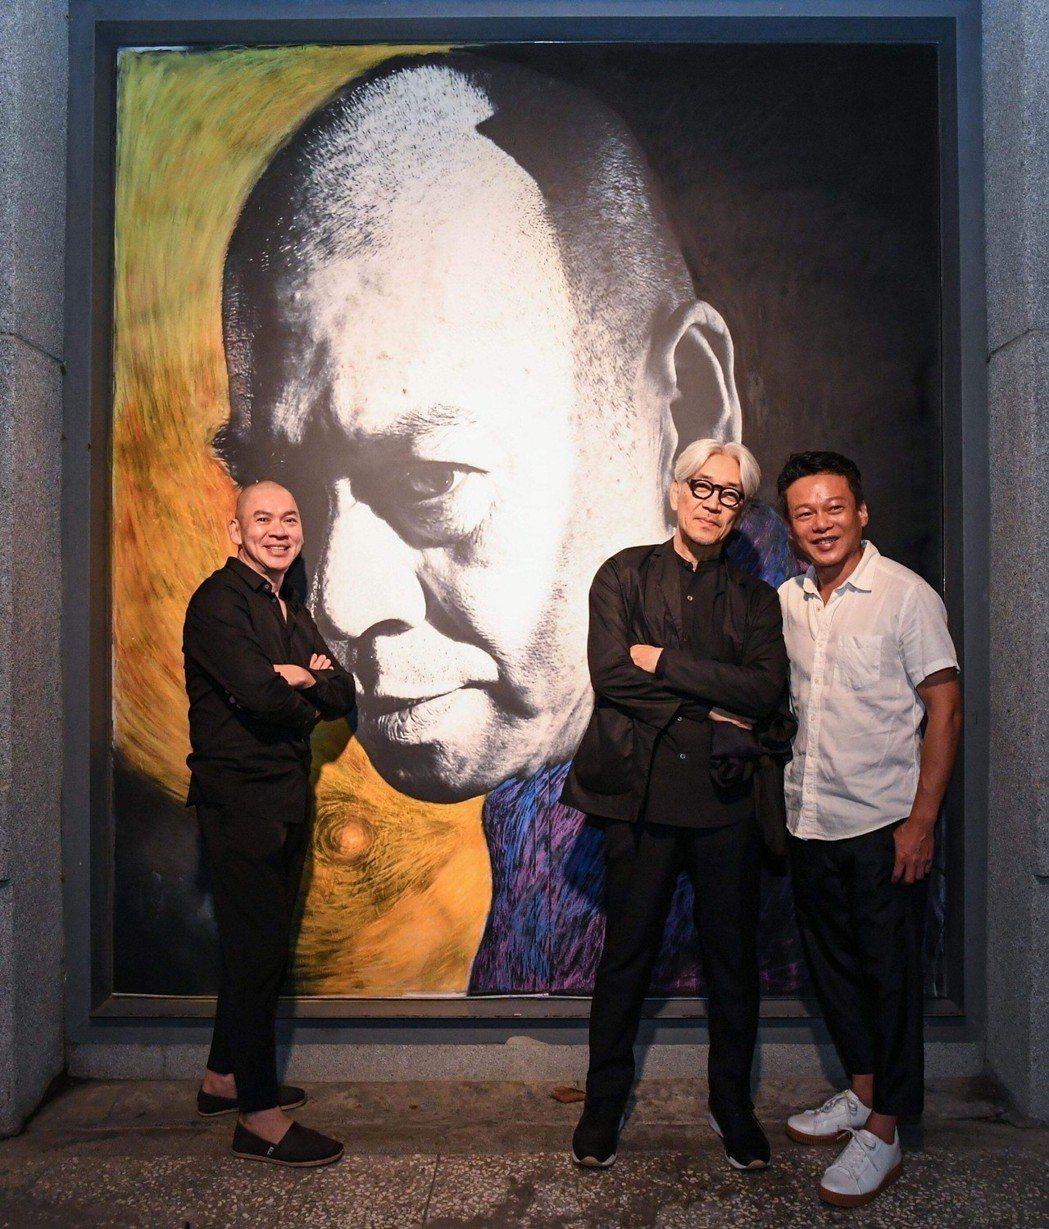 蔡明亮、坂本和李康生在展覽前合影。圖/明室影像提供